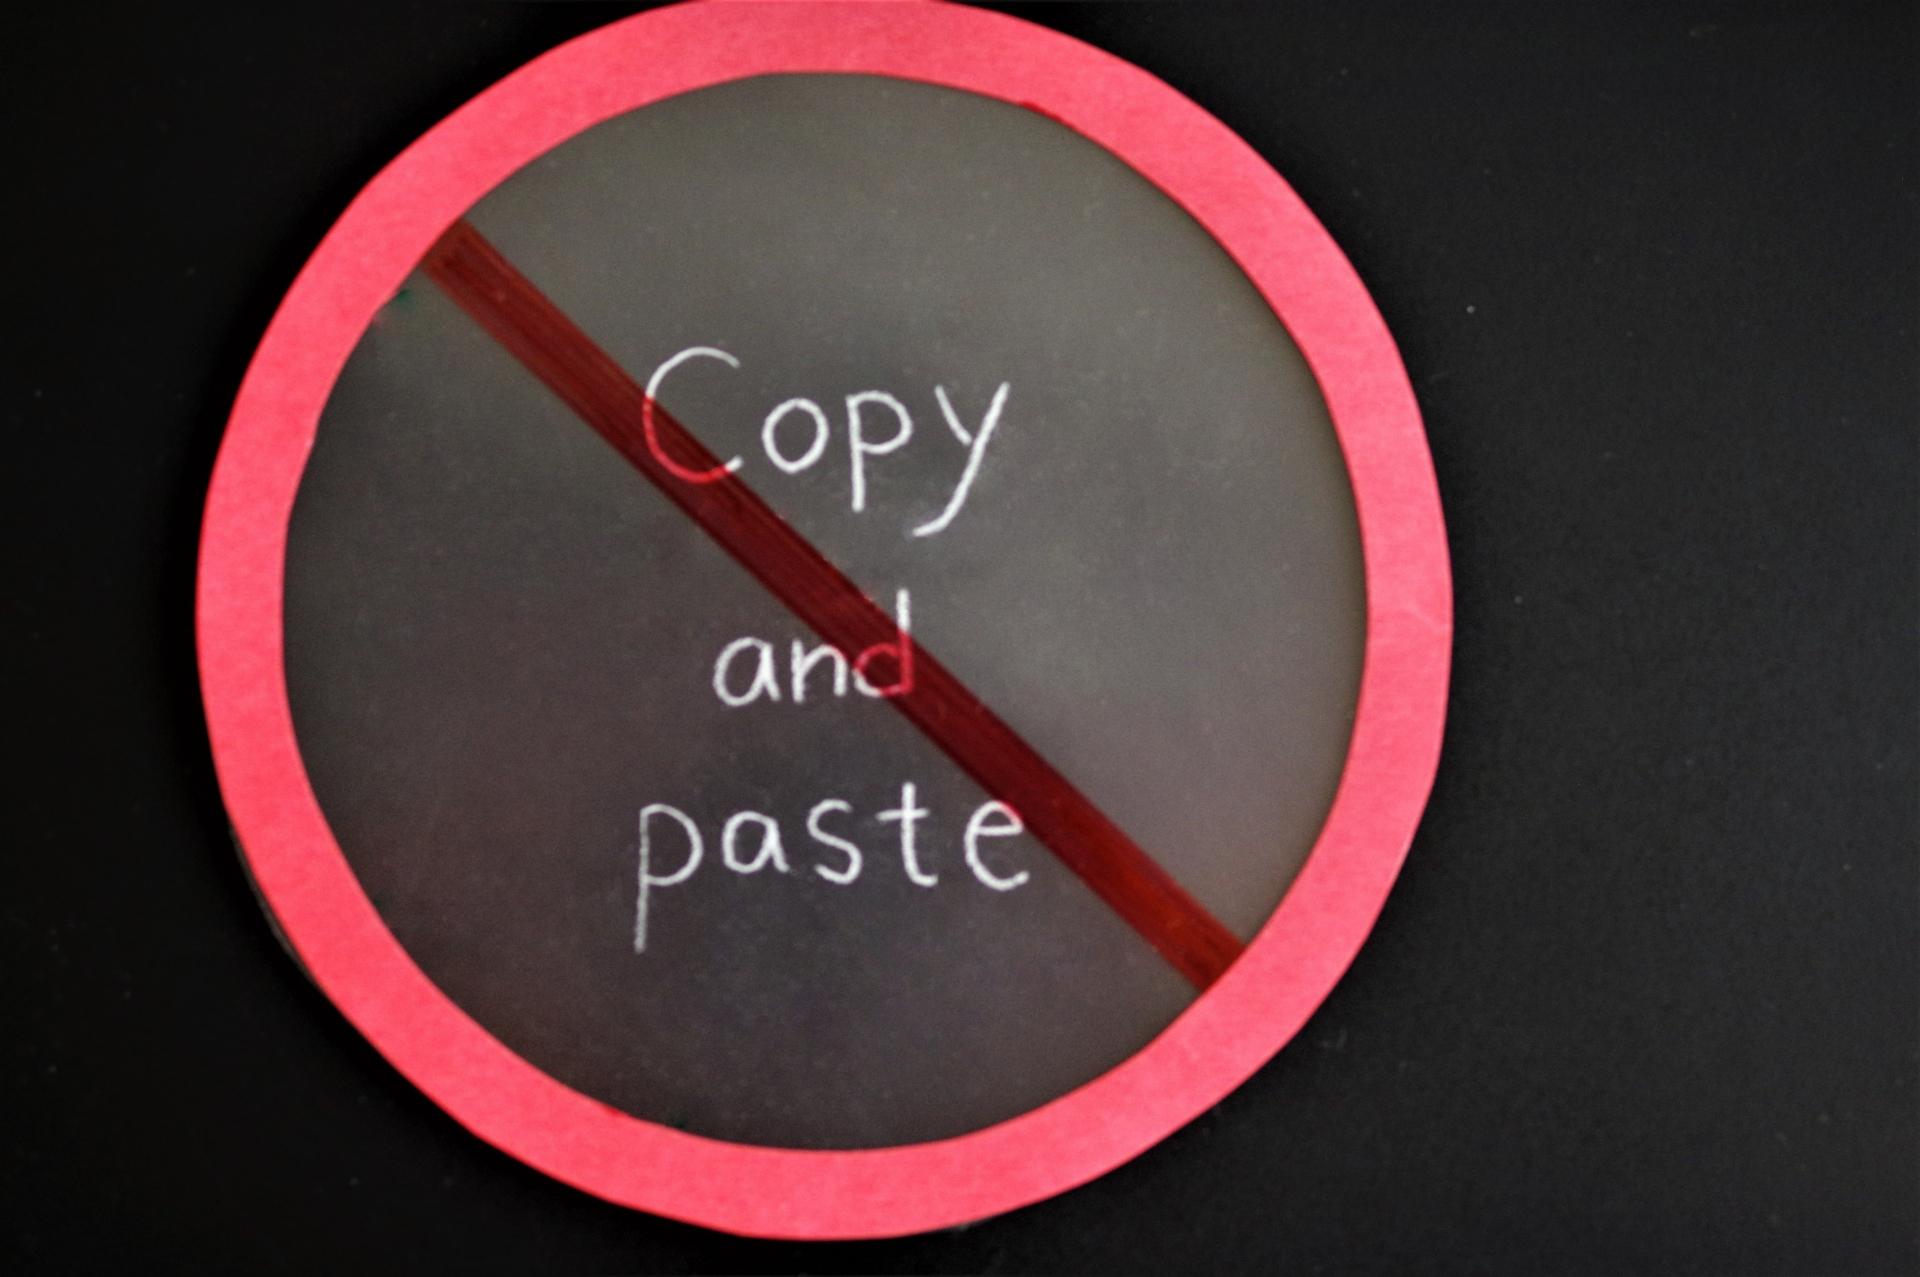 他ブログでまとめられた内容を改めて記事に書くのがパクリにならない理由。